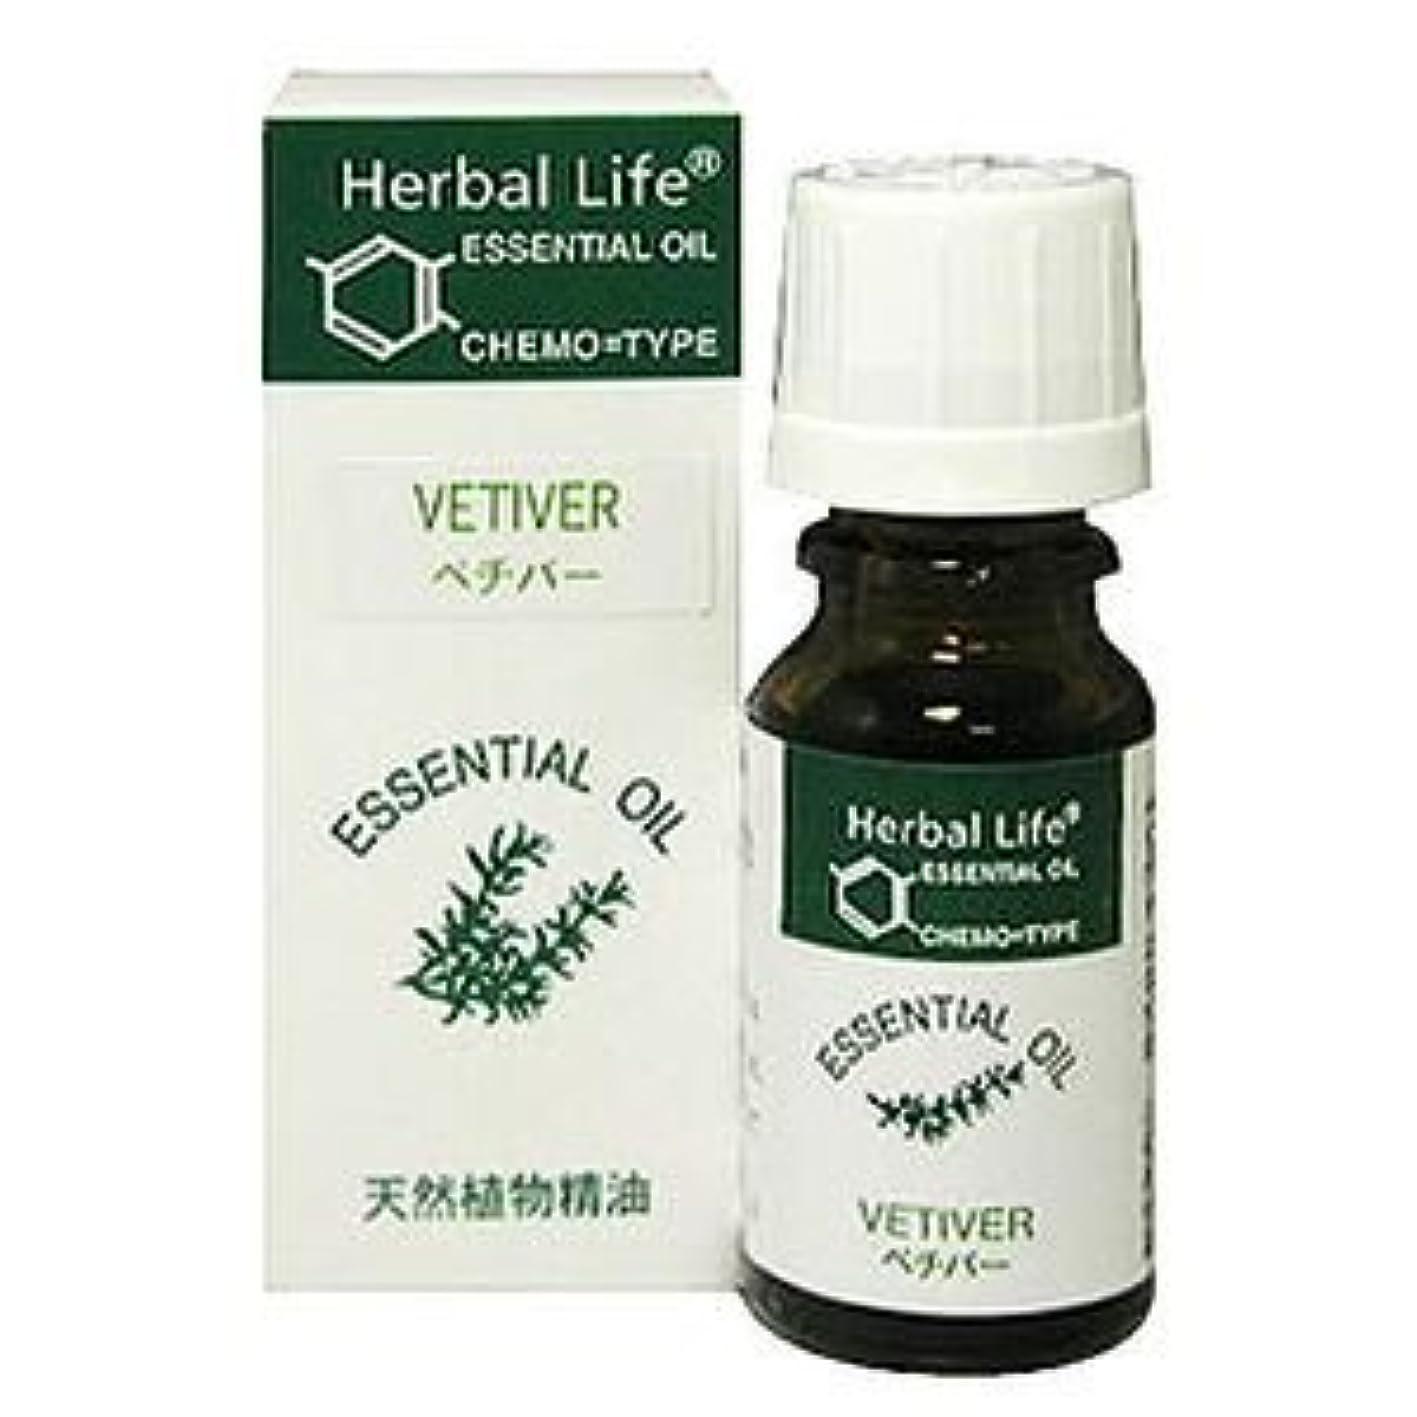 彼ら整理する消化Herbal Life べチバー 10ml